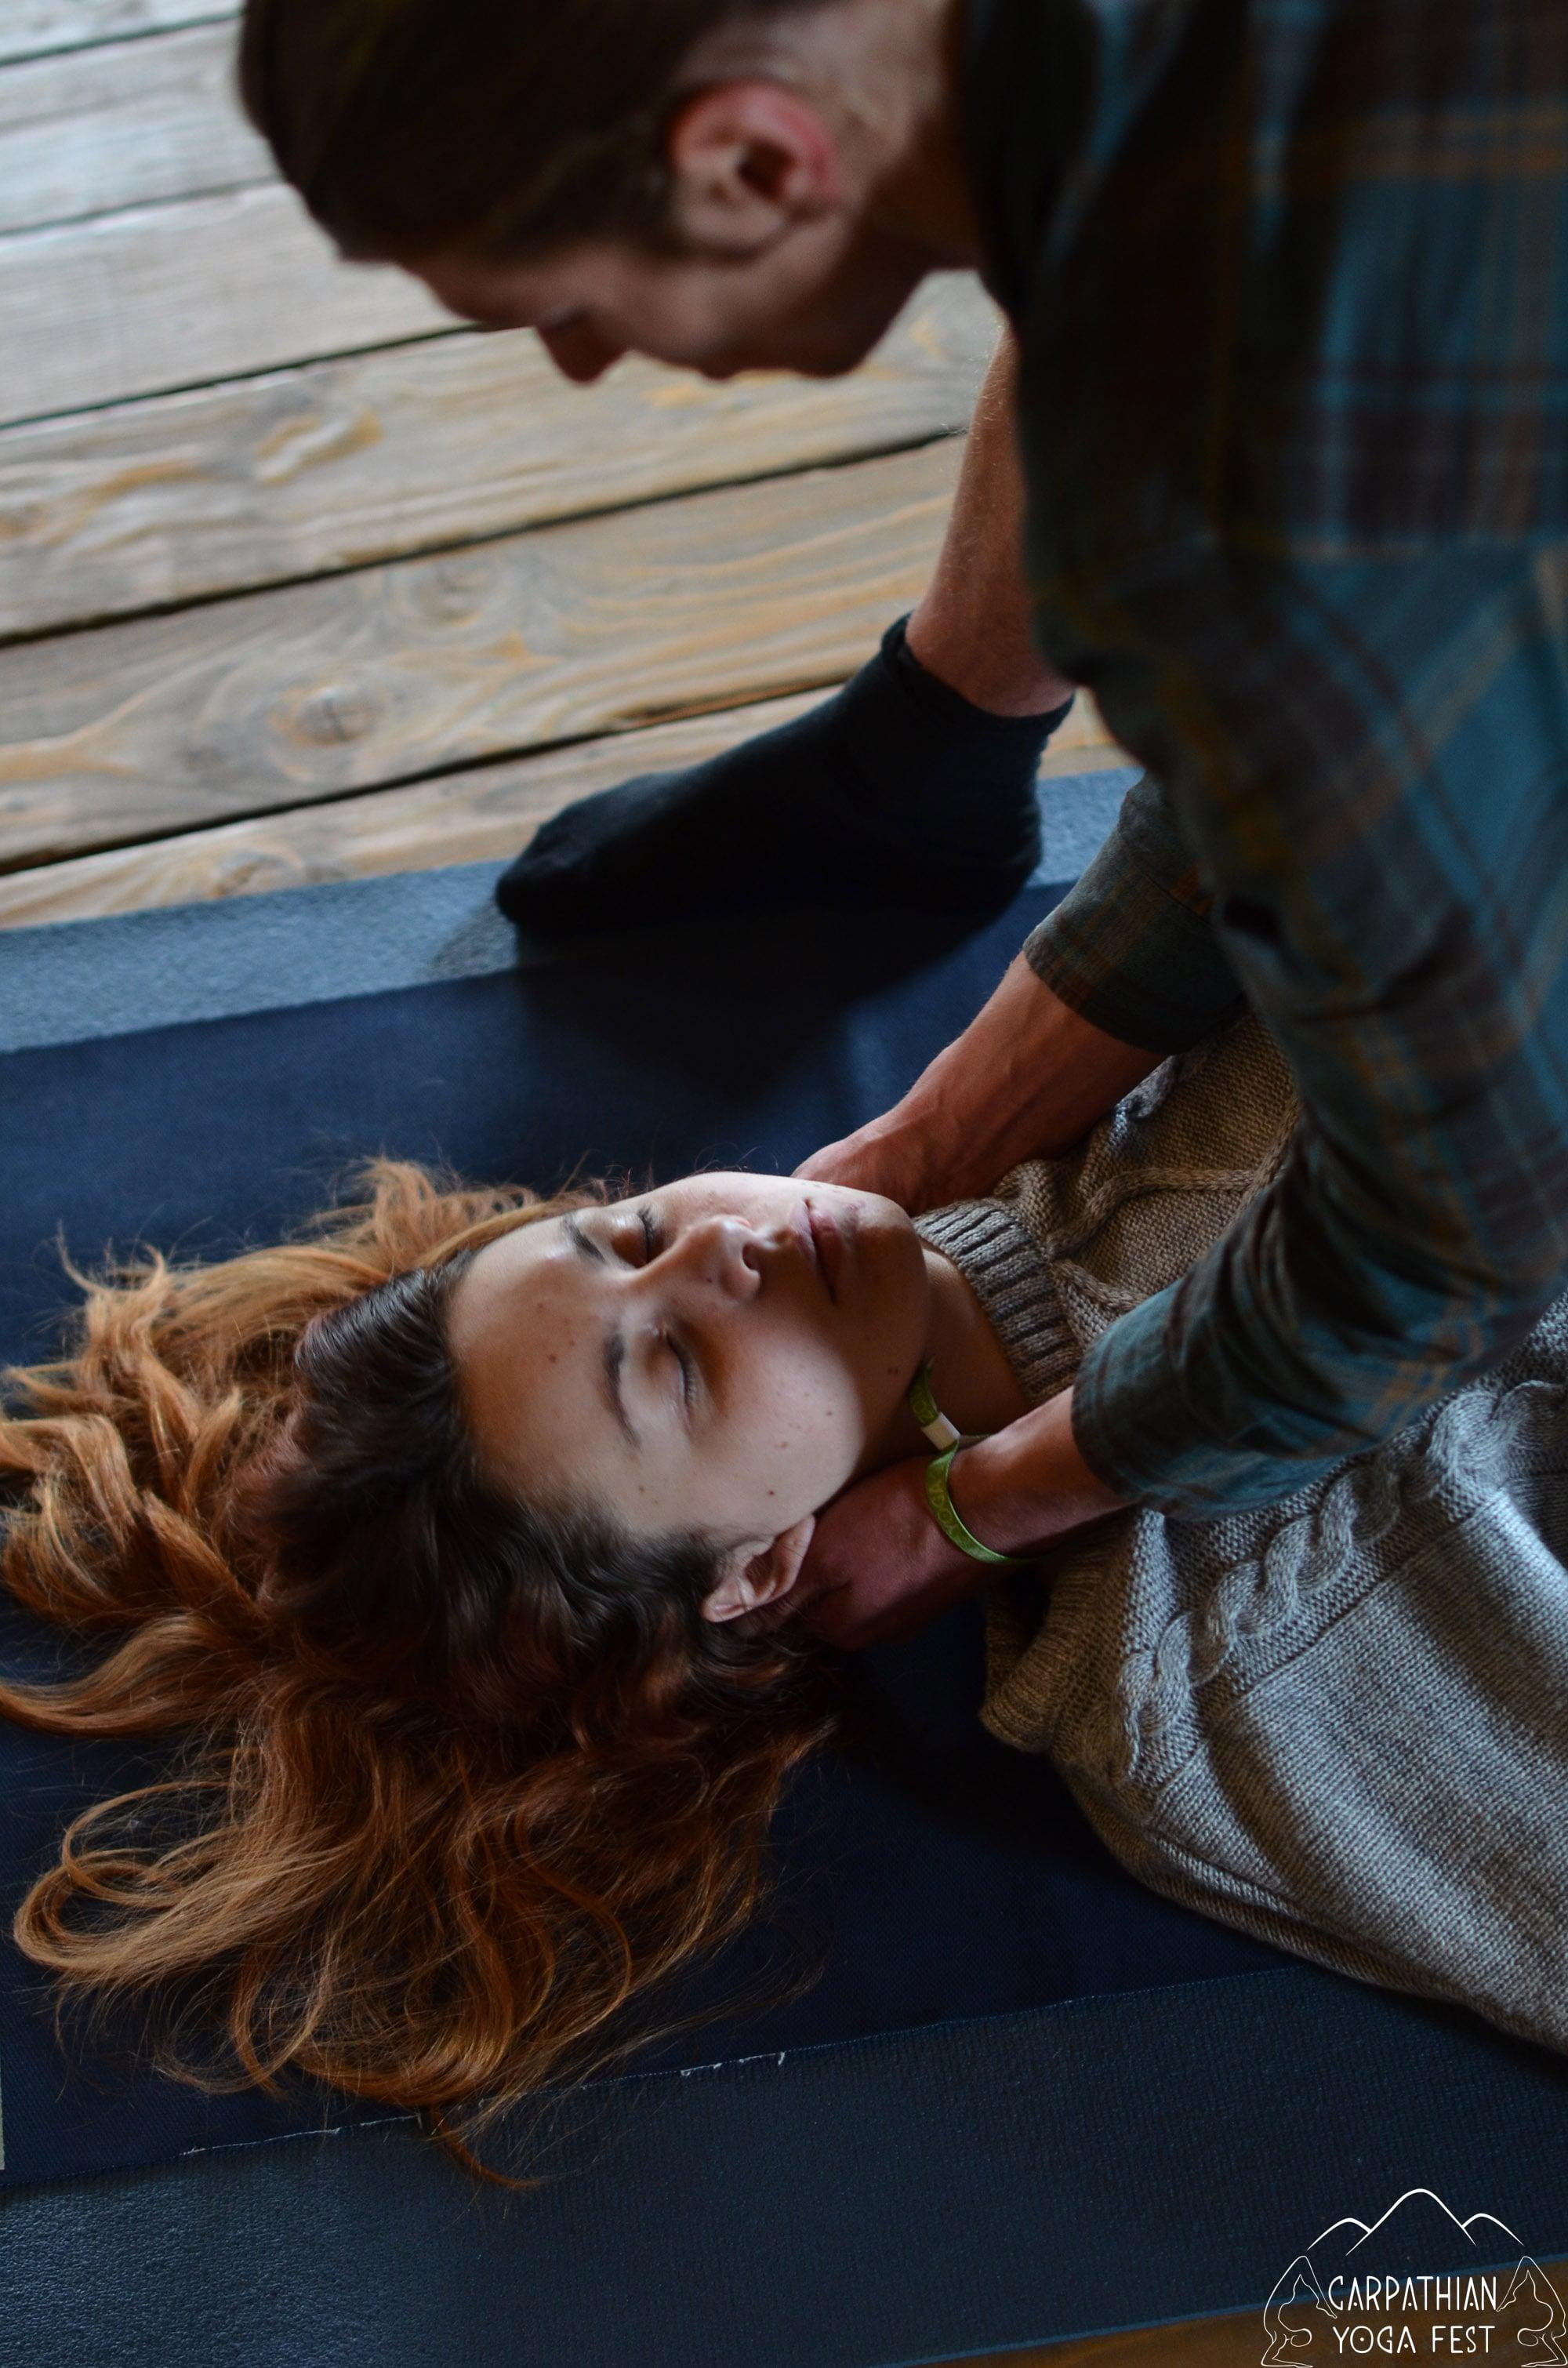 tayskiy massazh na karpatskom festivale yogi (4)-min